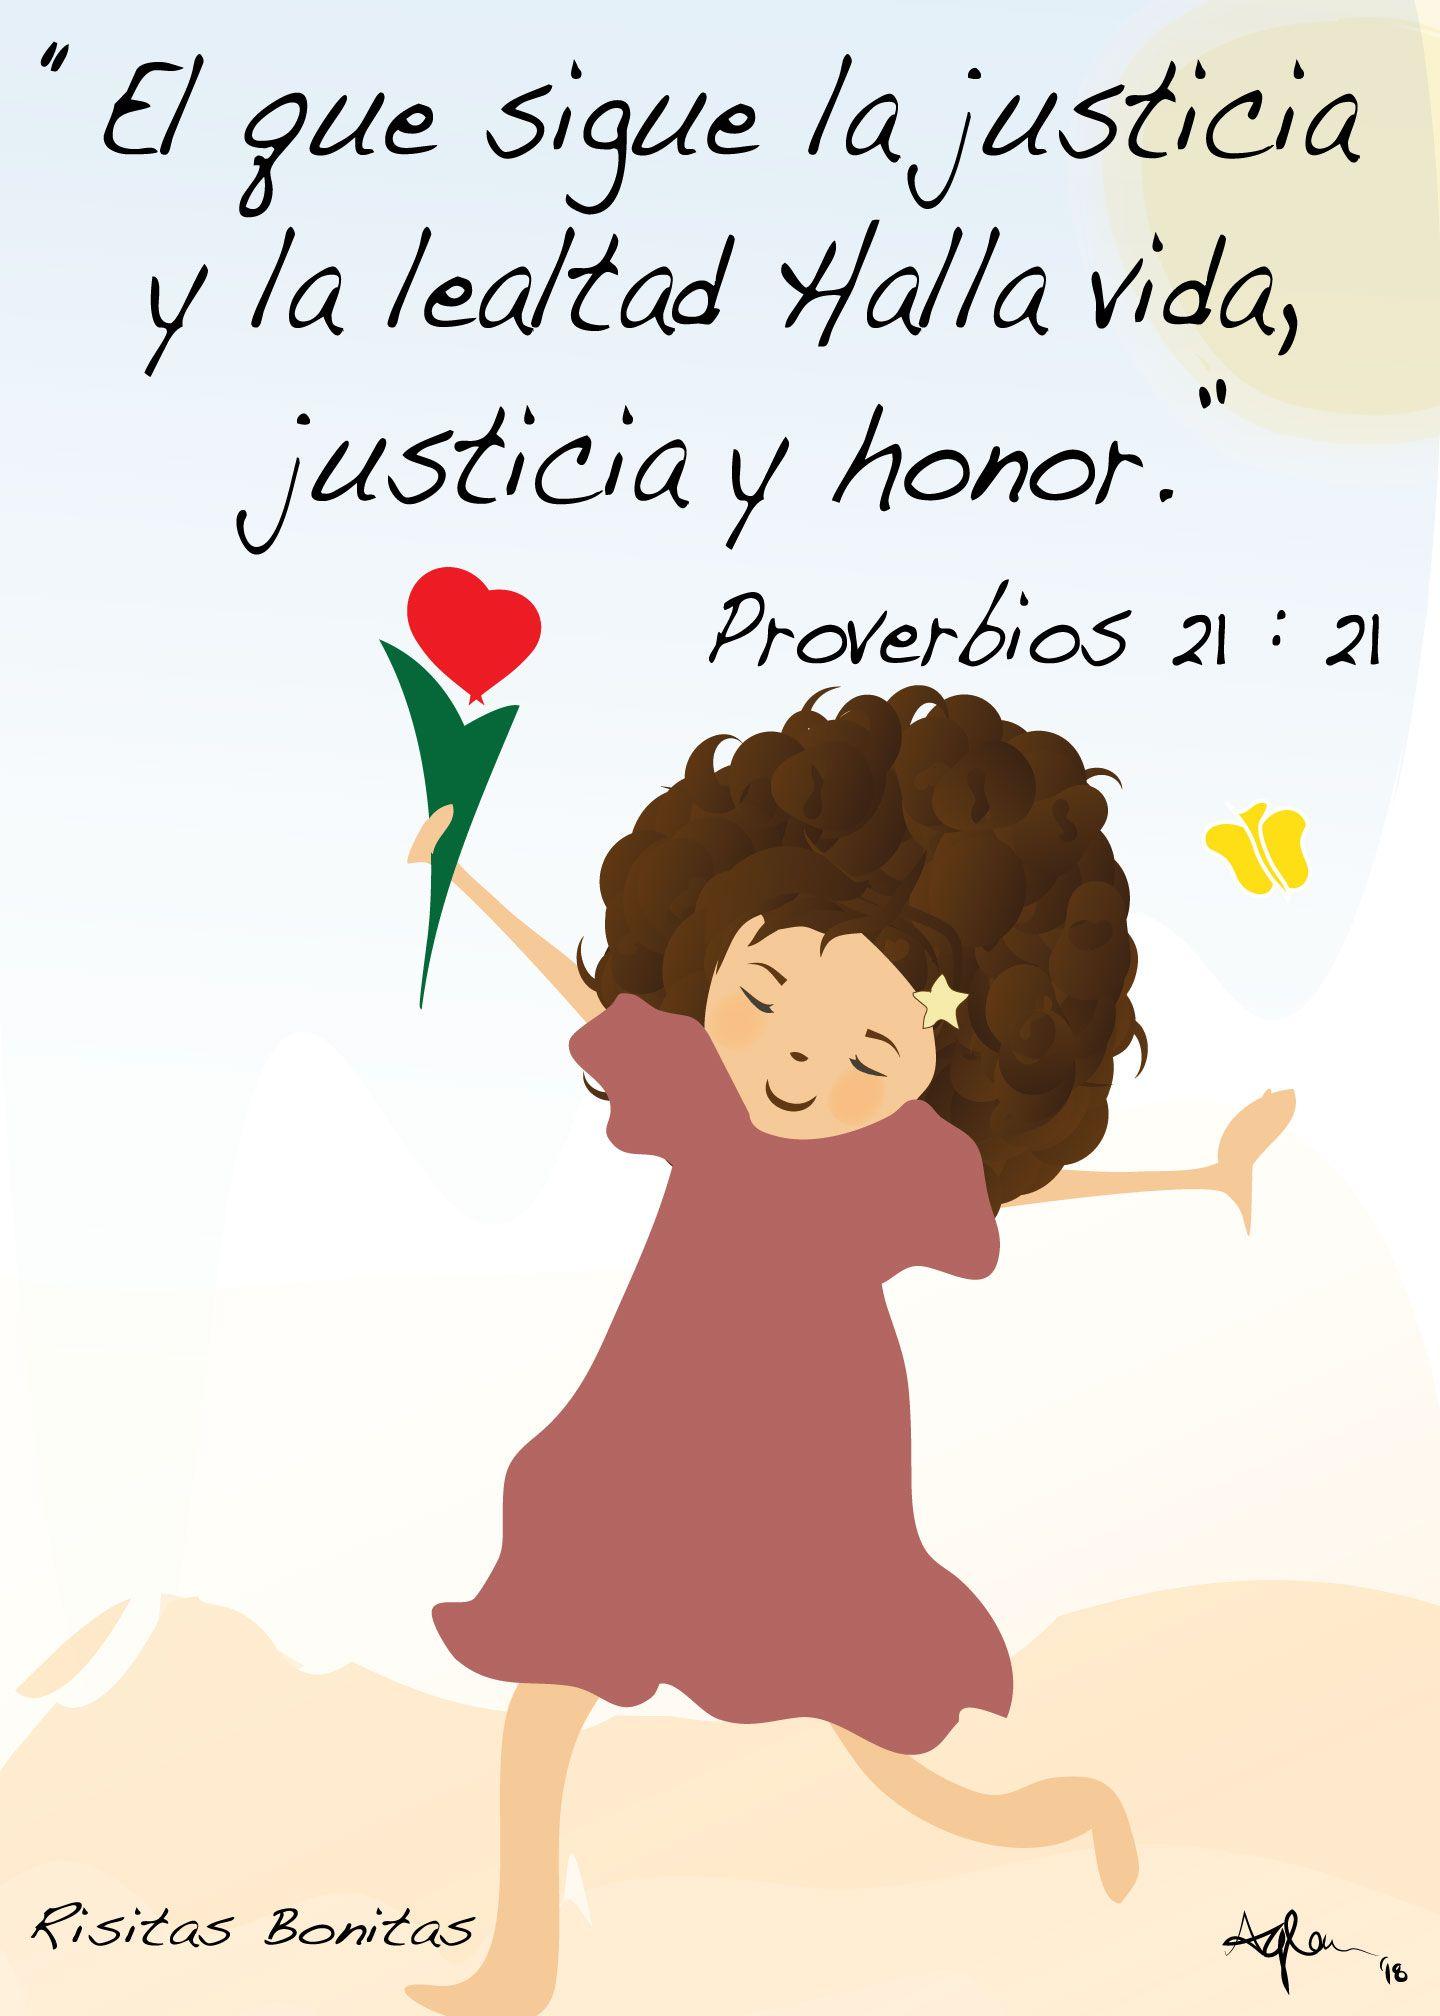 Sigue La Justicia Proverbios 21 Frases De Oracion Frases De Bendiciones